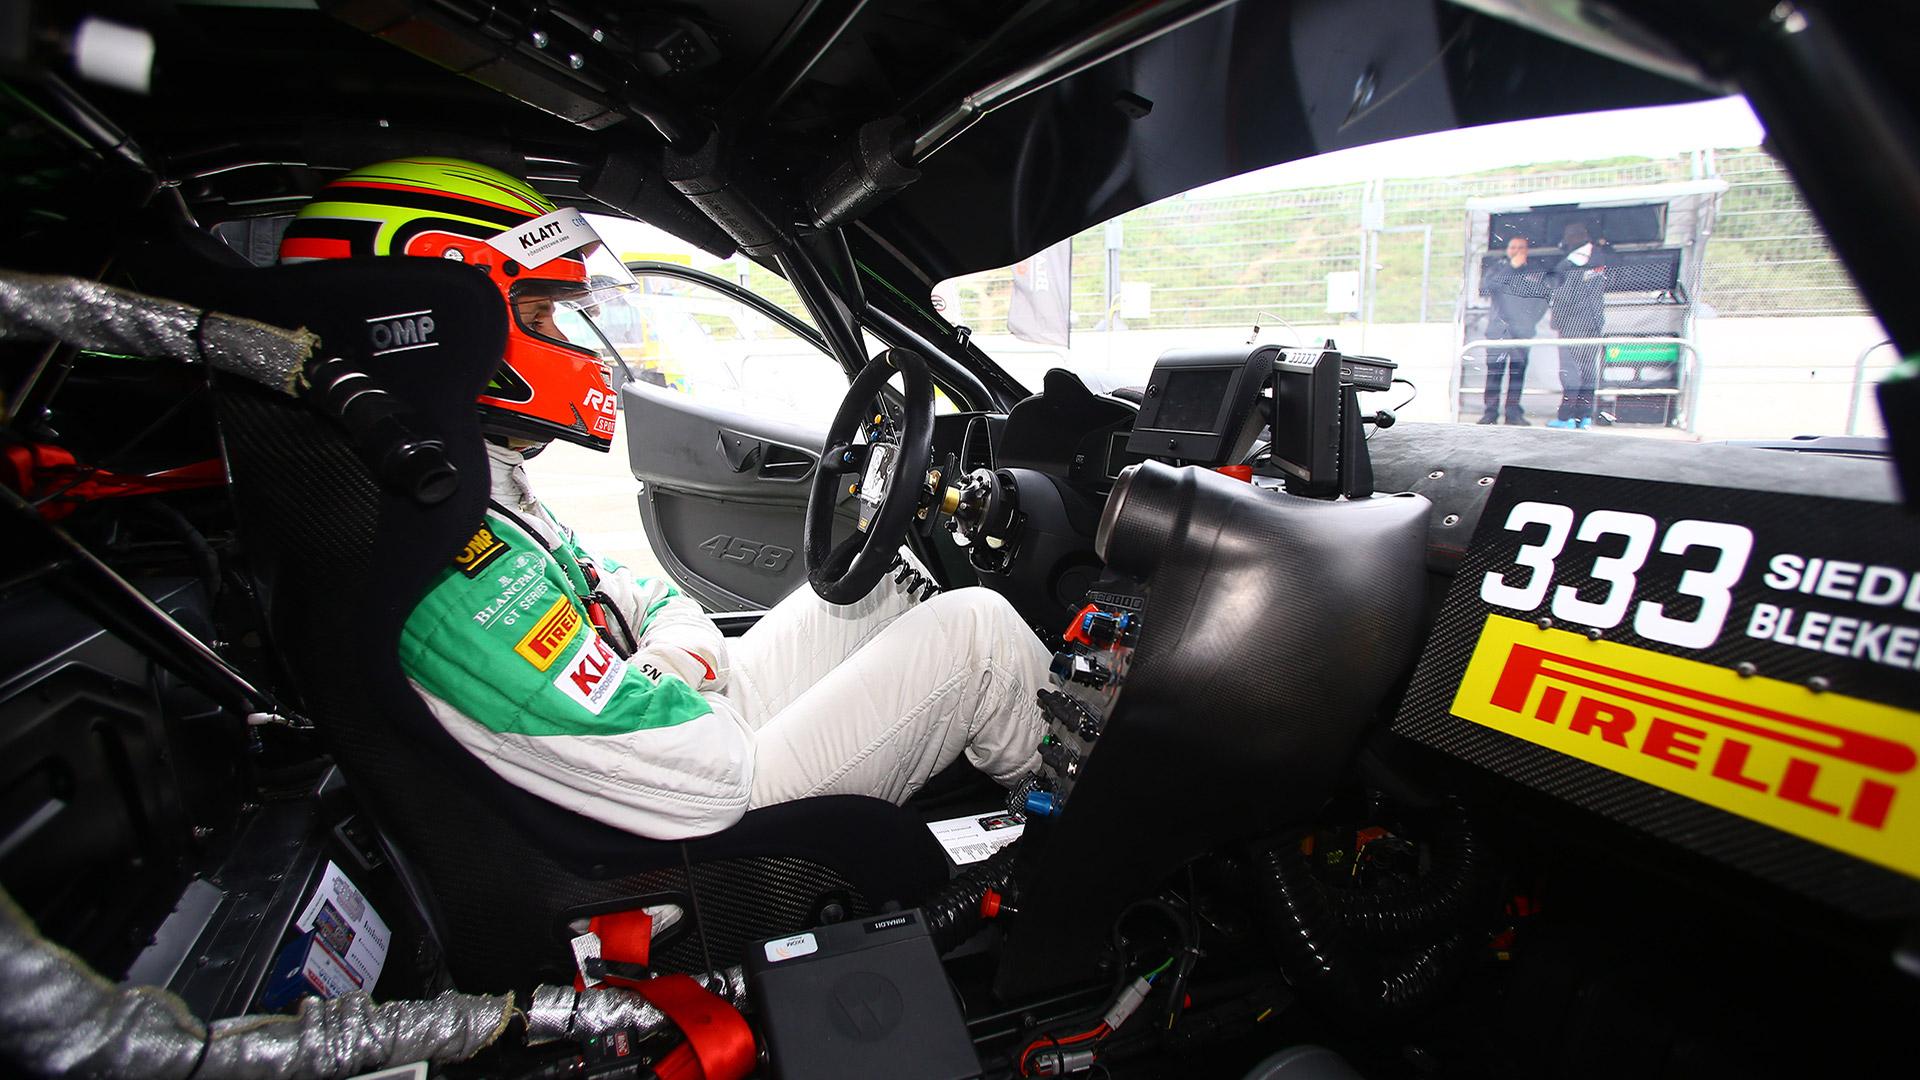 Norbert Siedler startet 2016 mit Ferrari, Lamborghini und Porsche